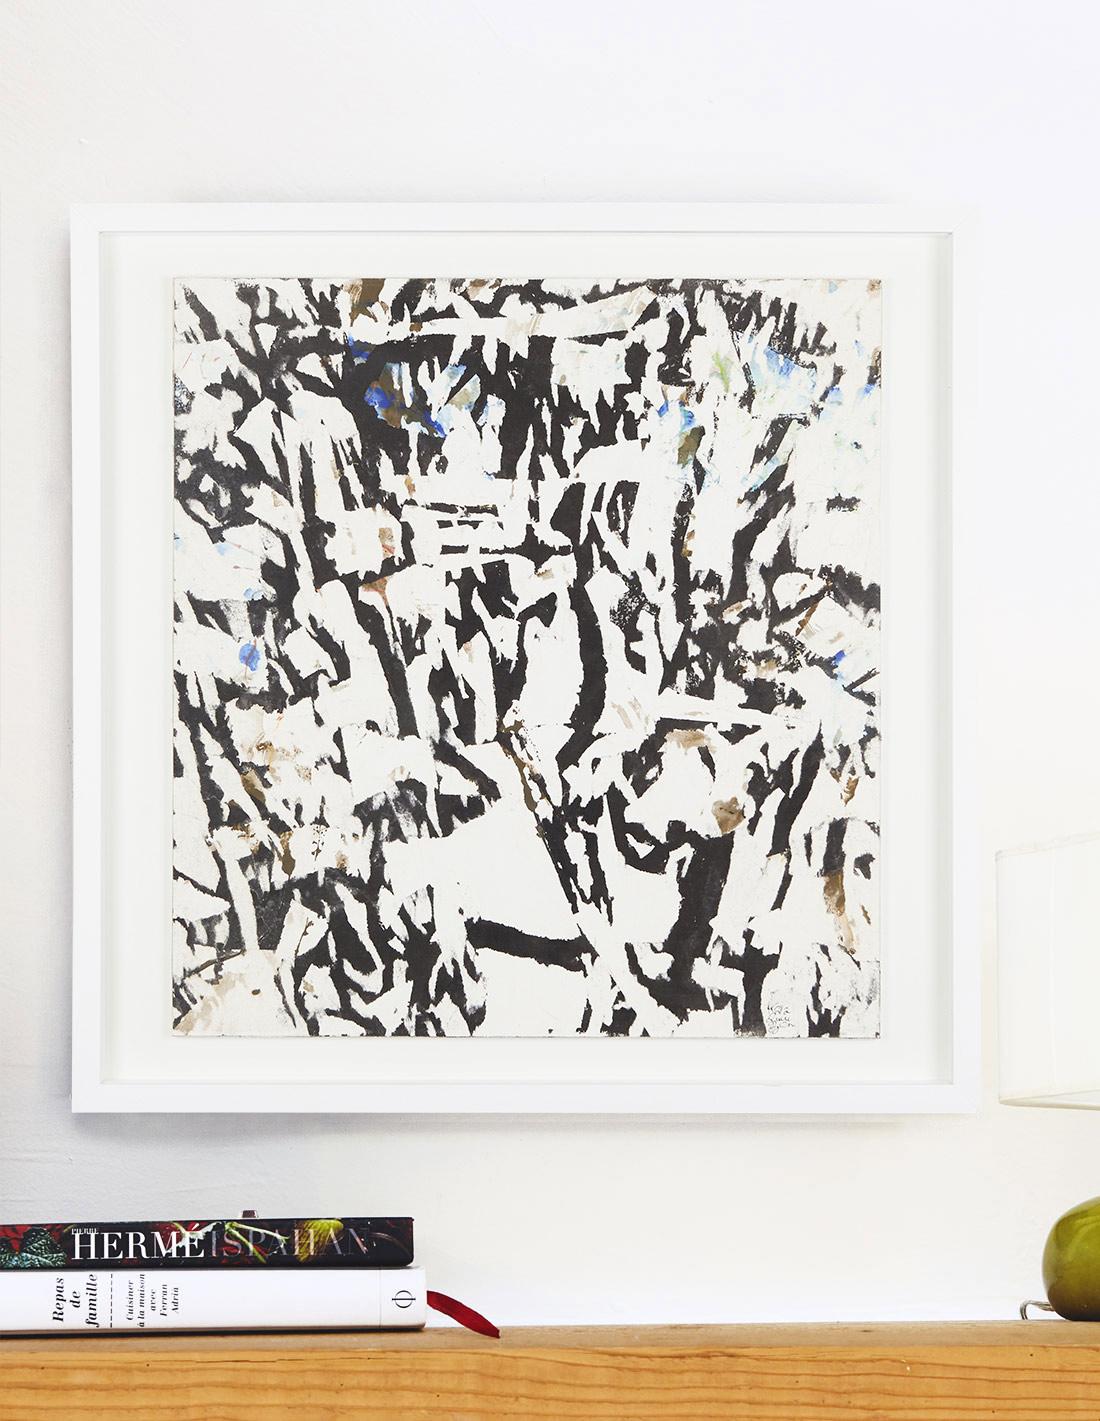 Oeuvre sur papier - Laurent Karagueuzian - Ecriture de lumière